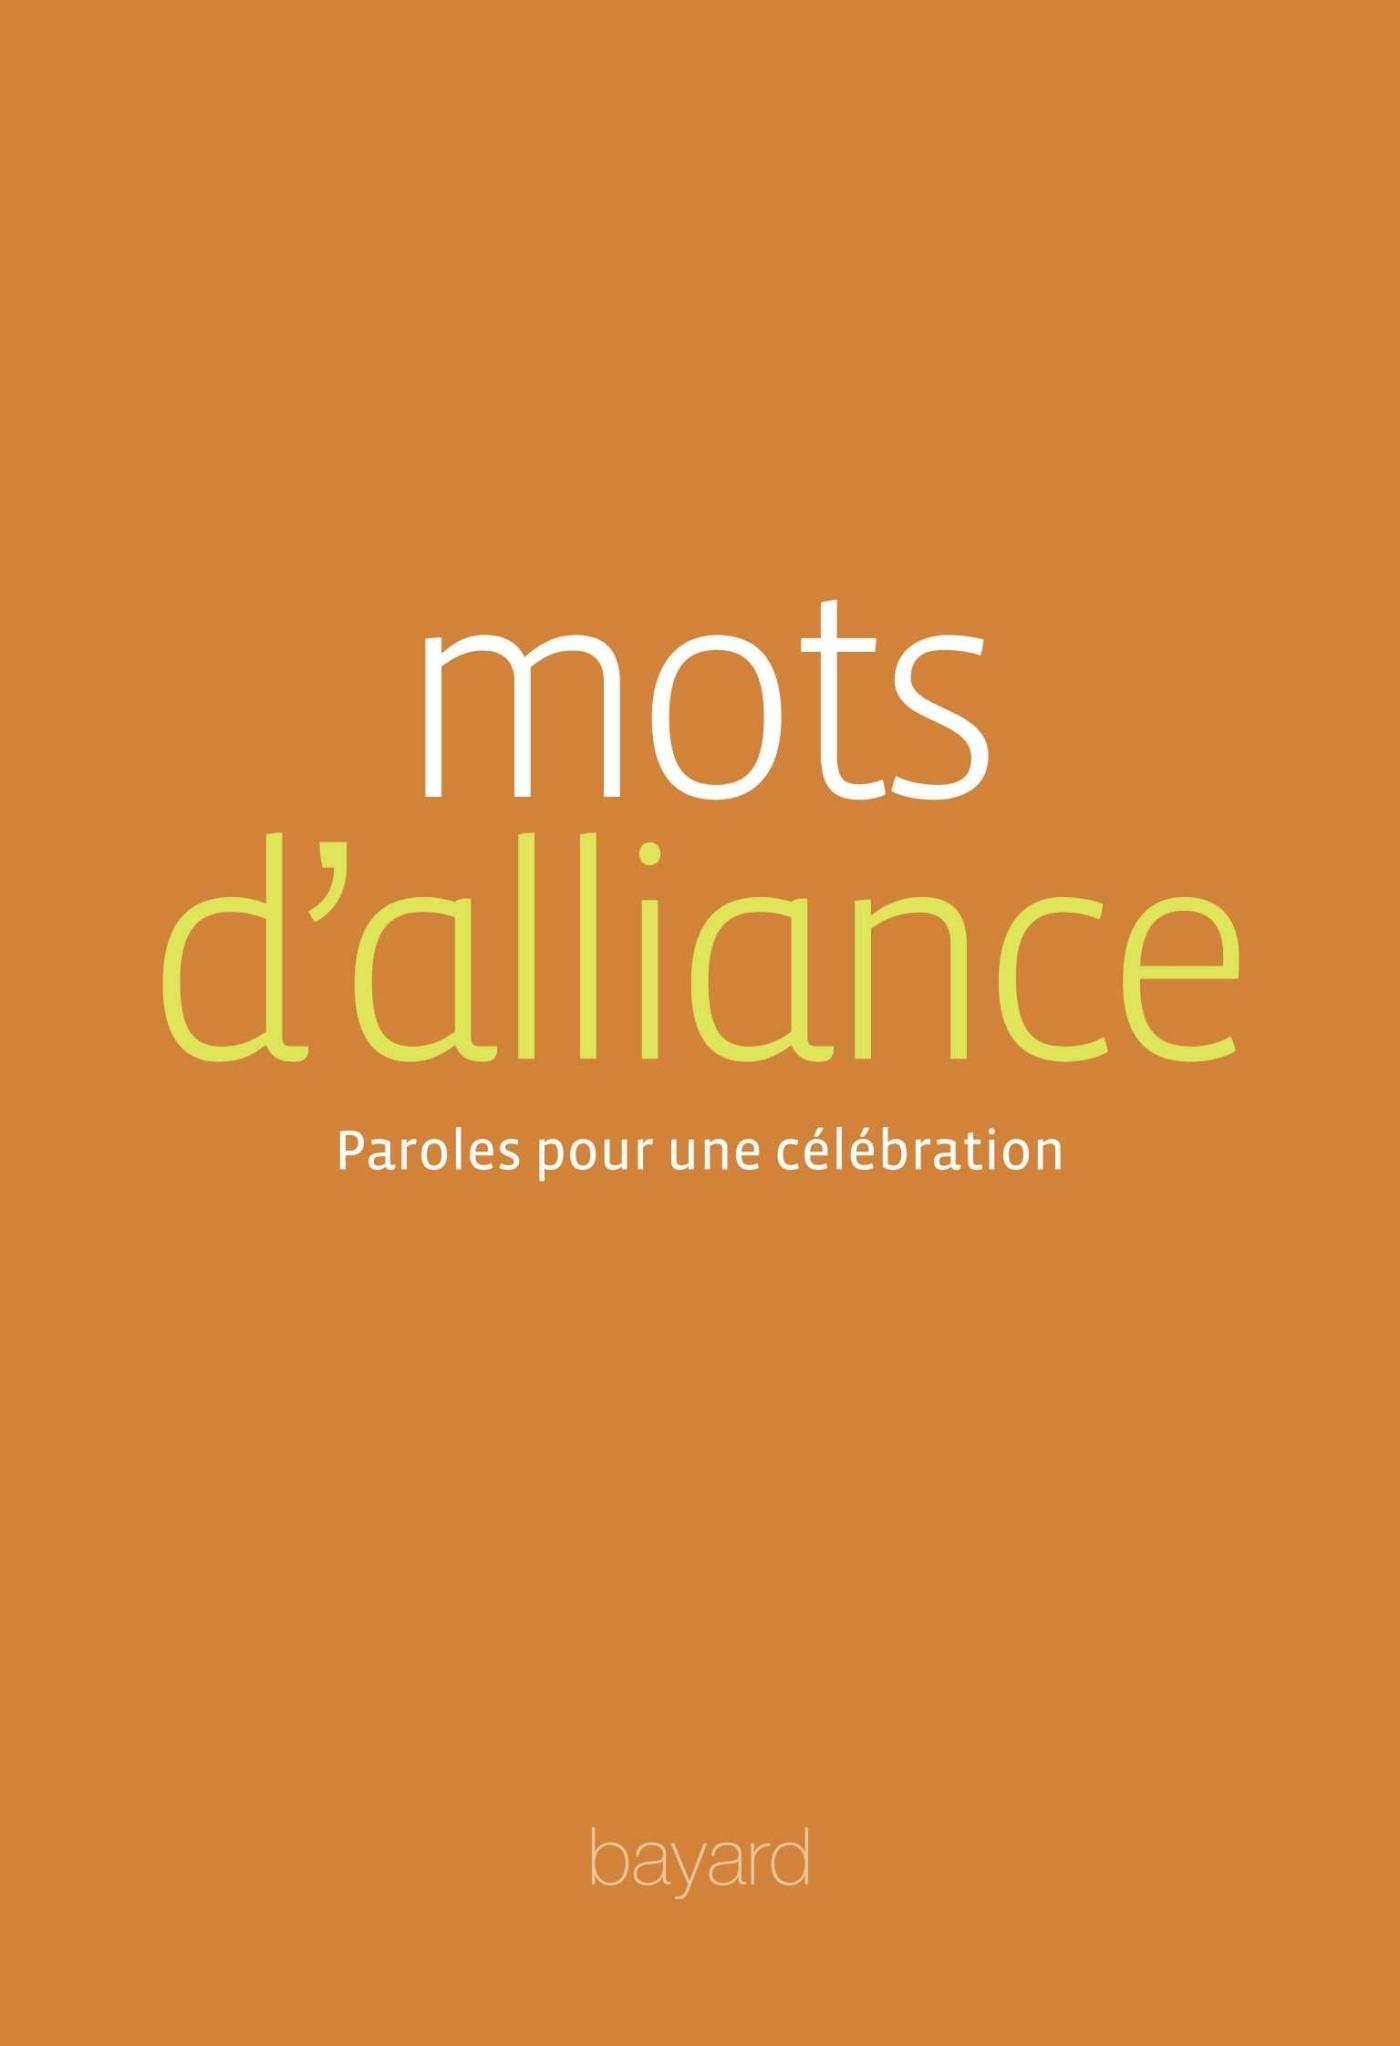 MOTS D'ALLIANCE